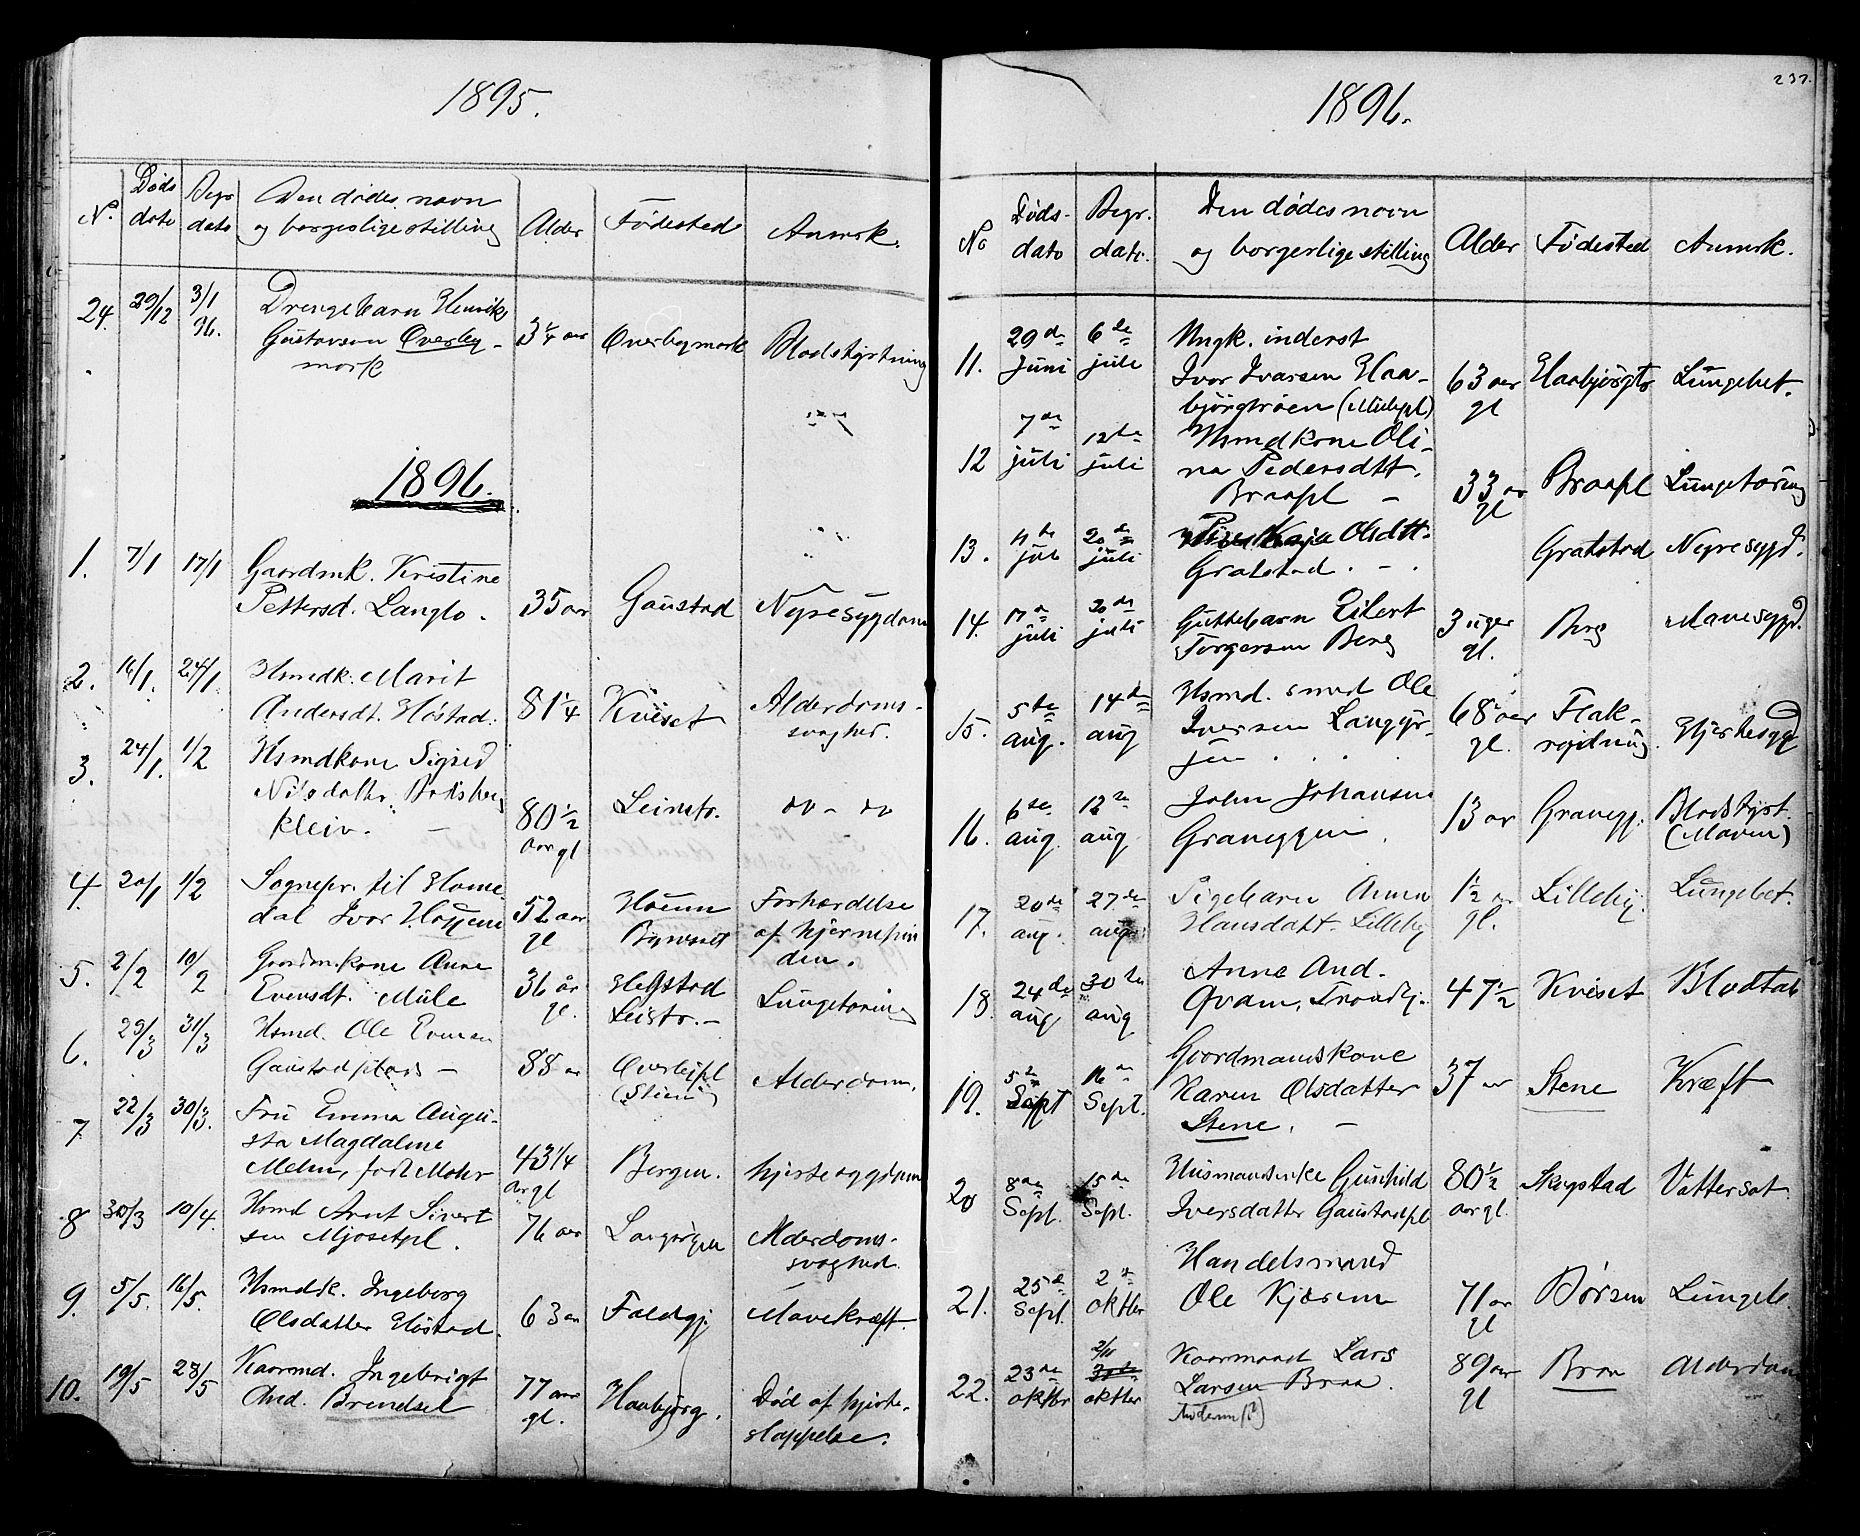 SAT, Ministerialprotokoller, klokkerbøker og fødselsregistre - Sør-Trøndelag, 612/L0387: Klokkerbok nr. 612C03, 1874-1908, s. 237